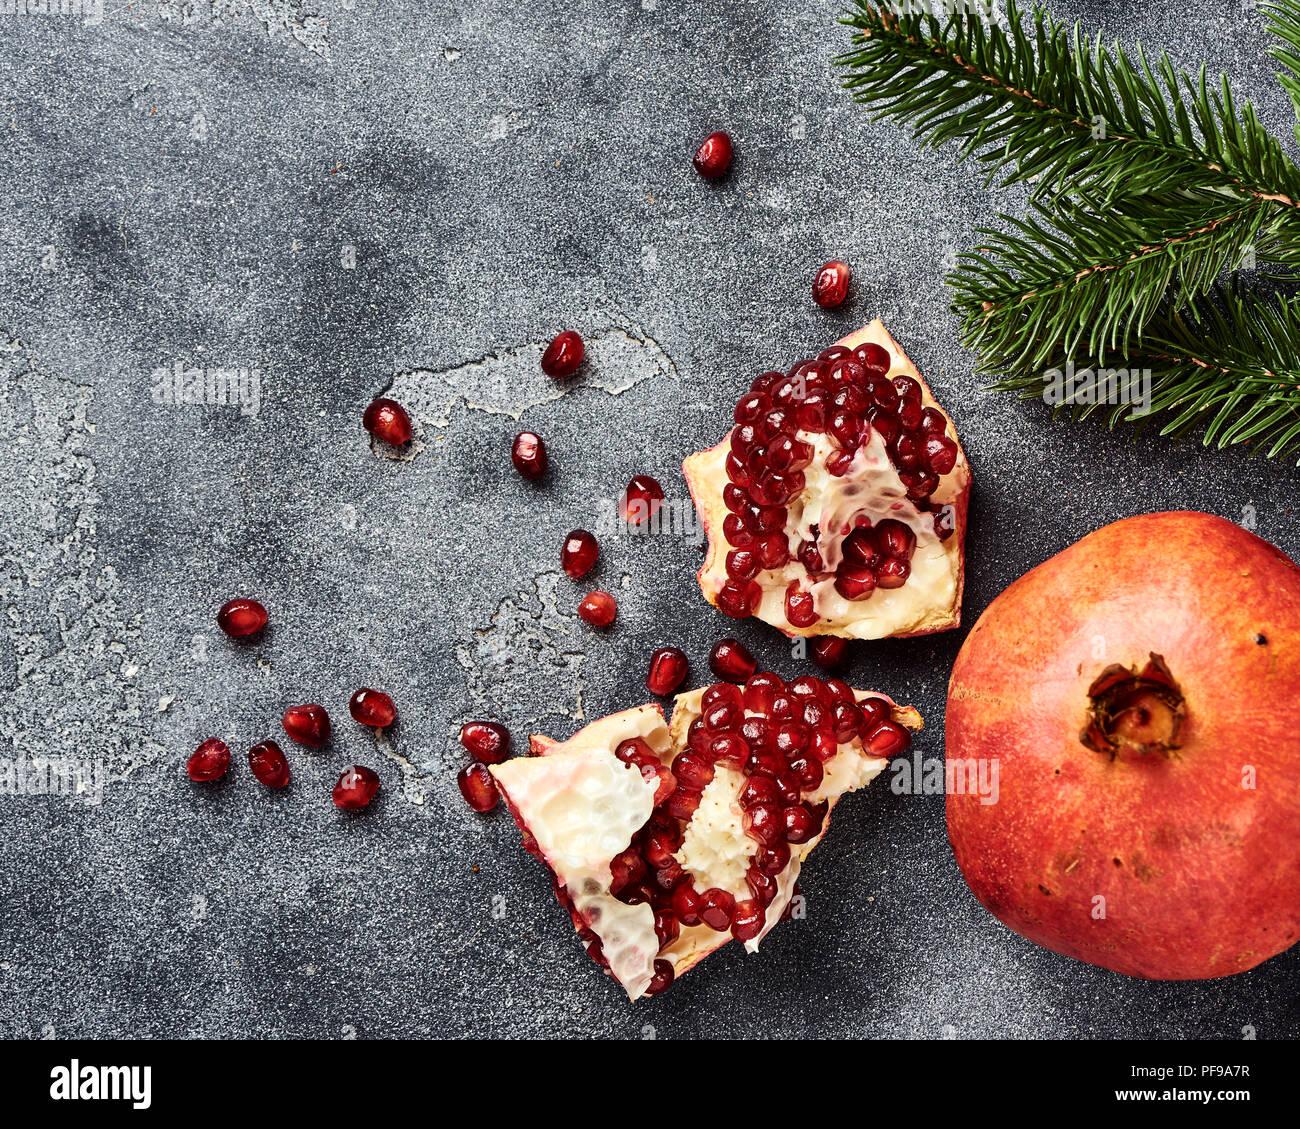 Granatapfel Obst mit Samen auf grauem Hintergrund mit kopieren. Ansicht von oben. Stockbild